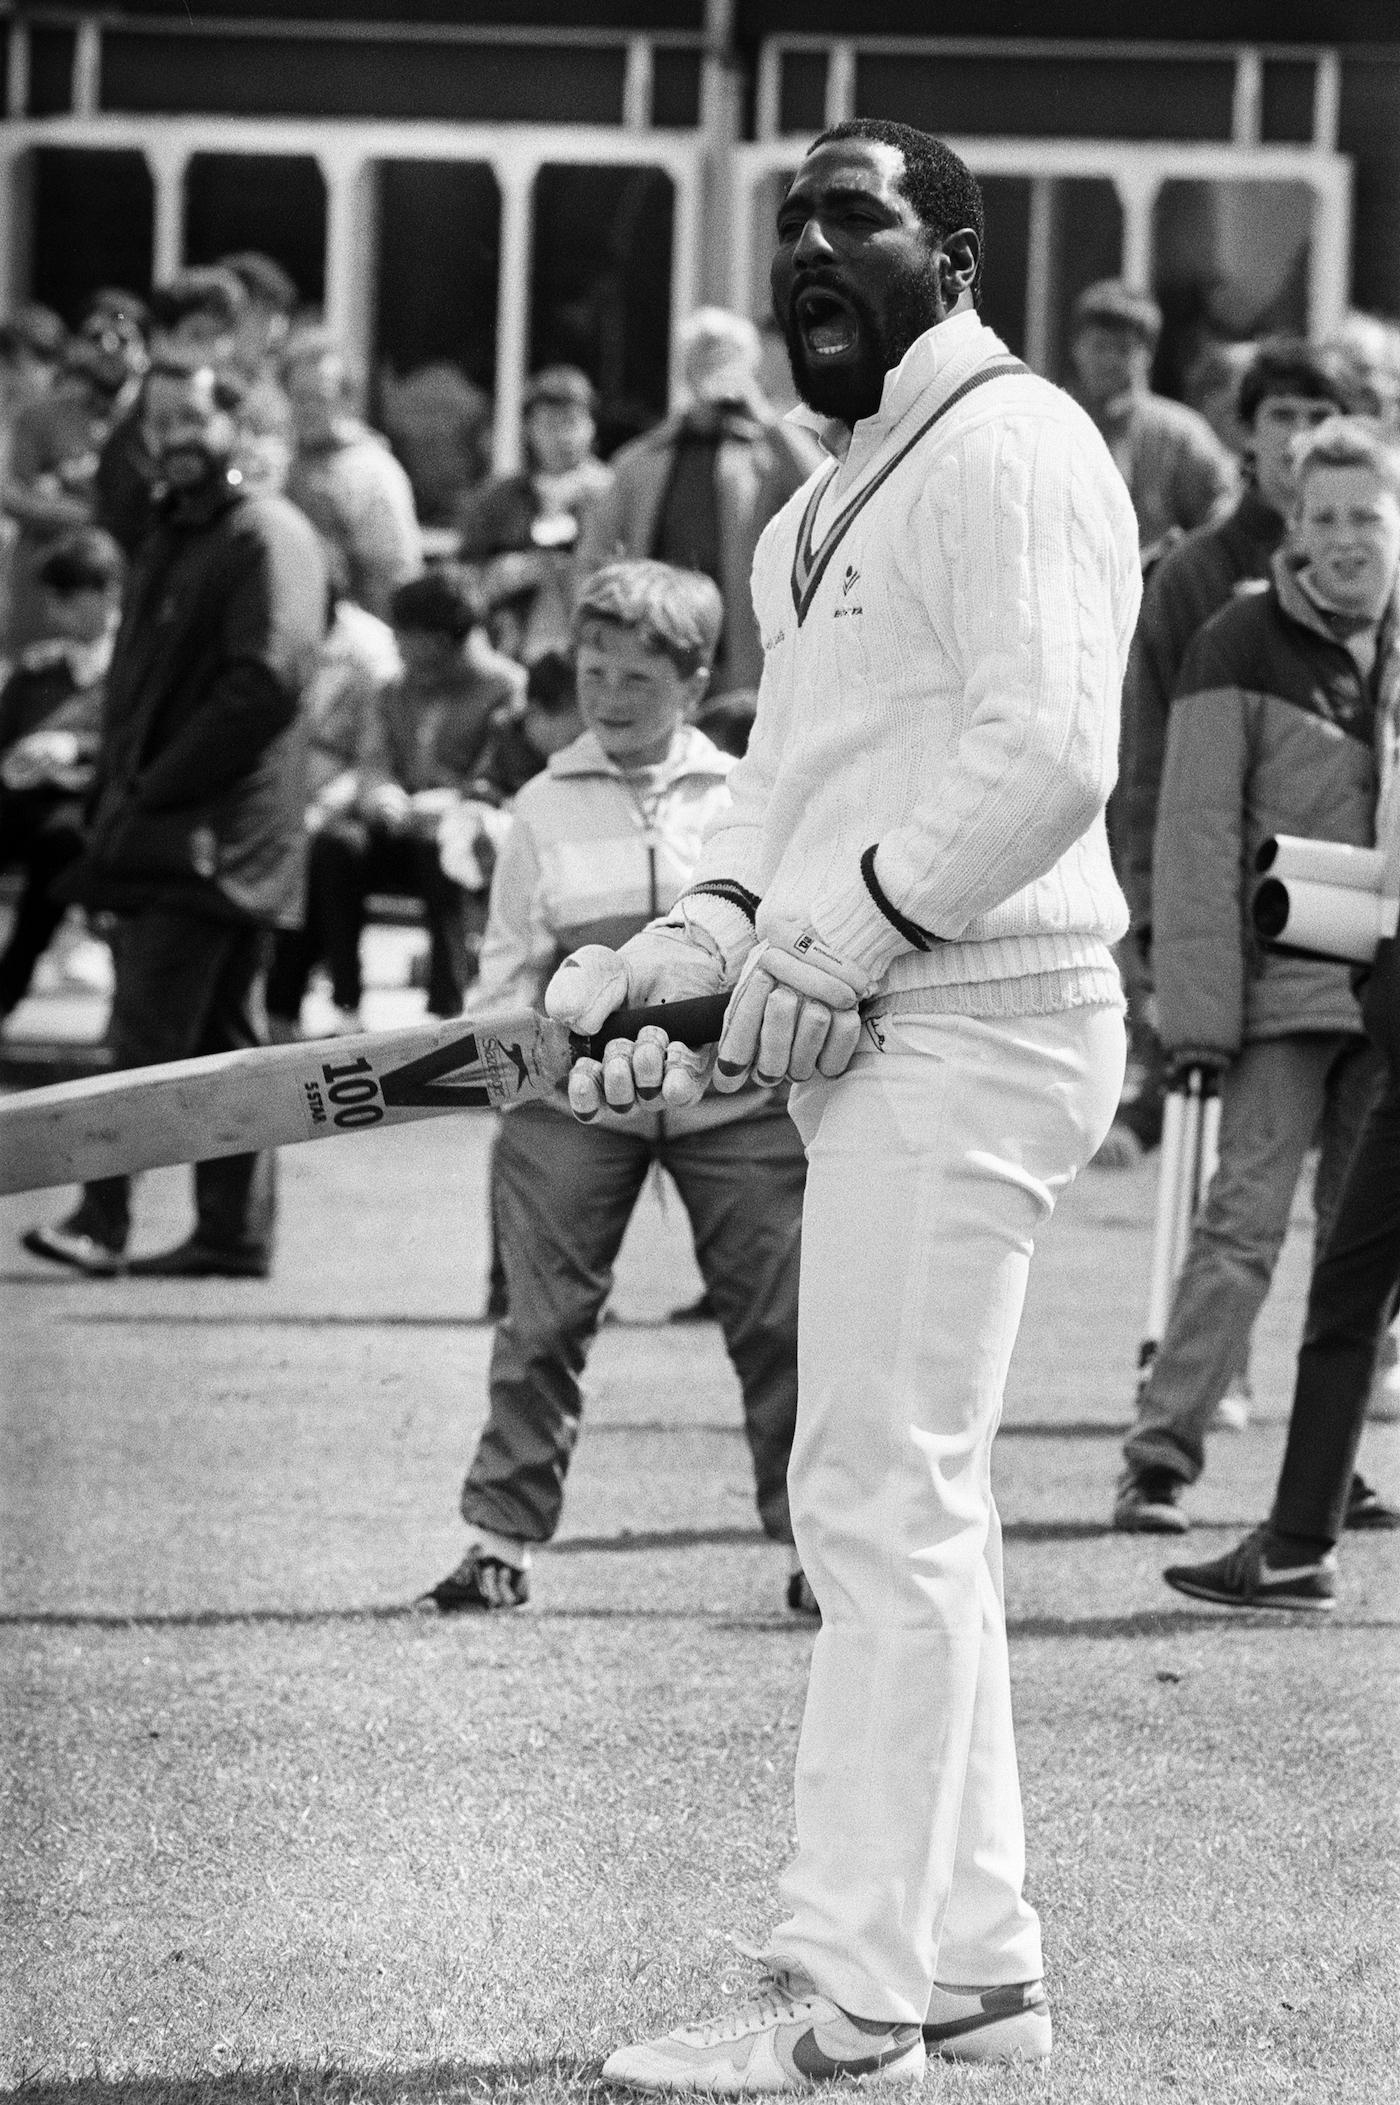 Richards terrorised bowlers, fielders and onlookers alike